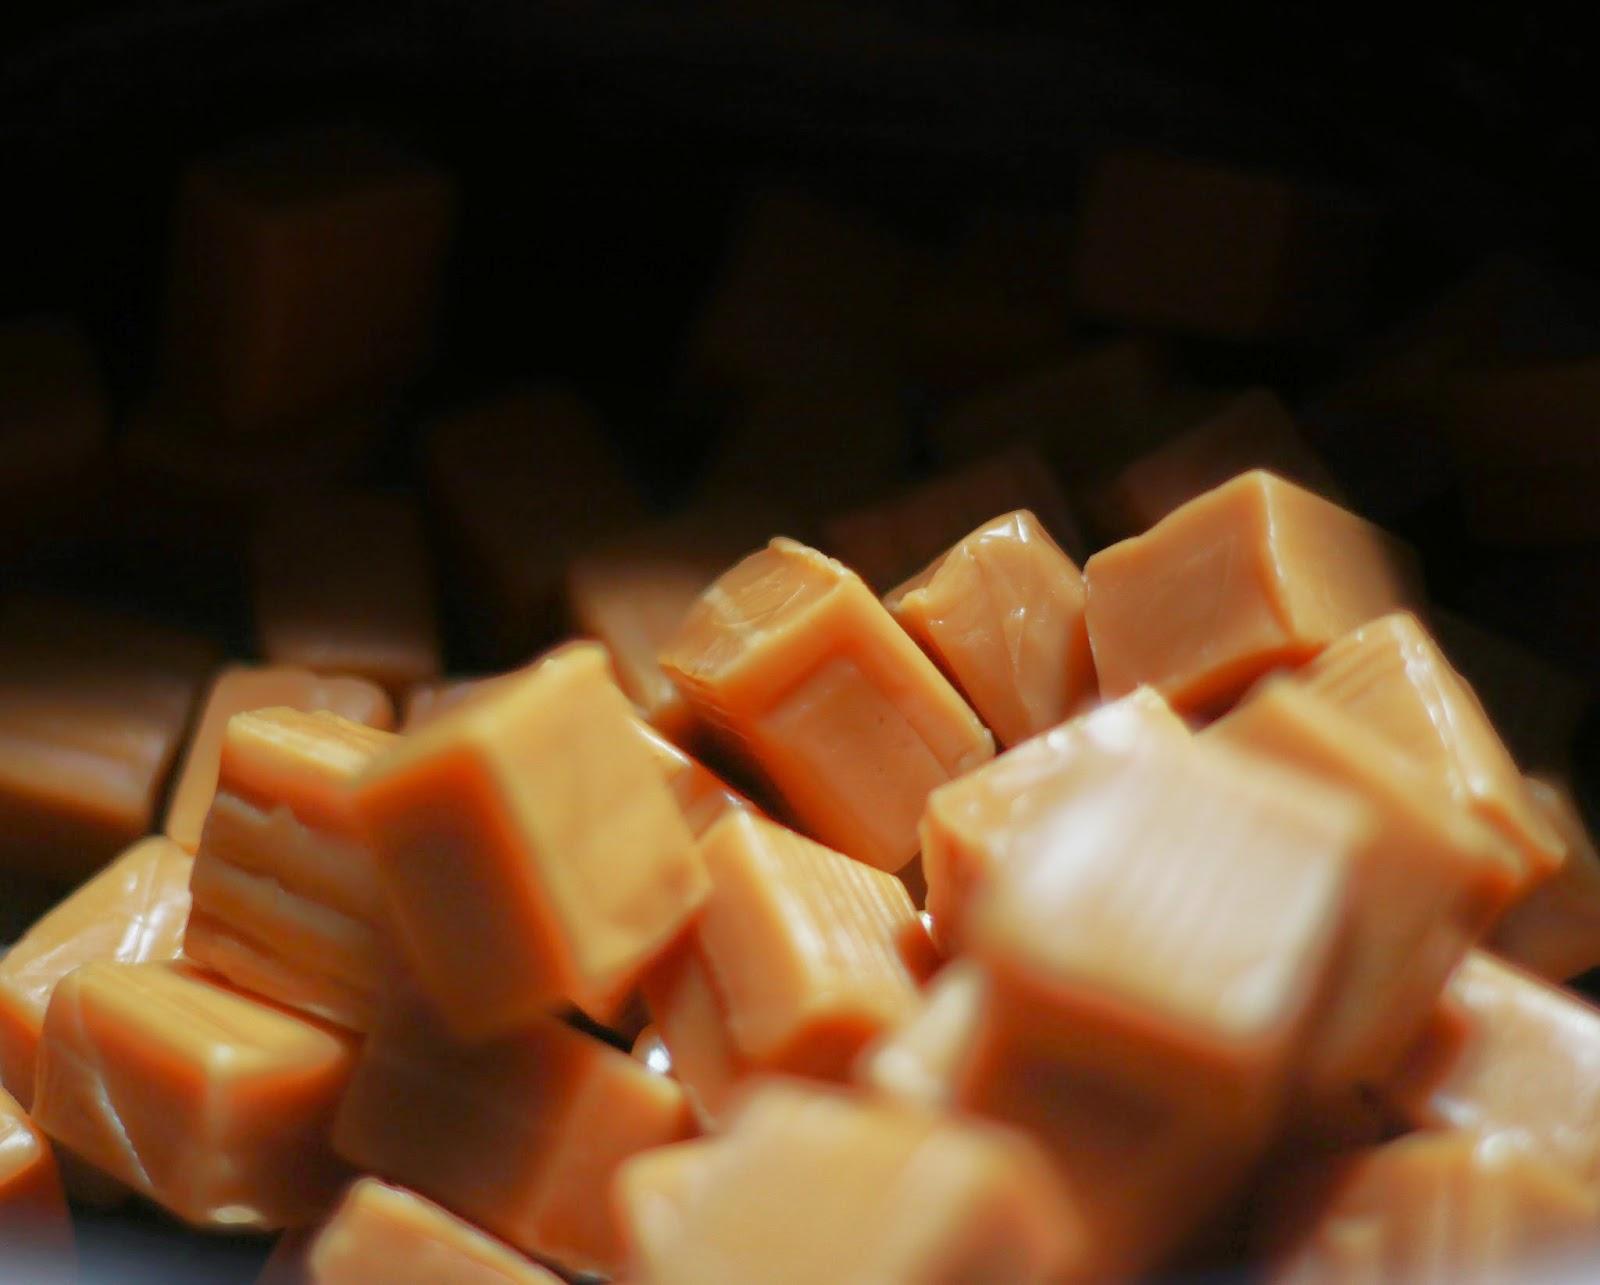 caramels, candy, homemade caramel sauce